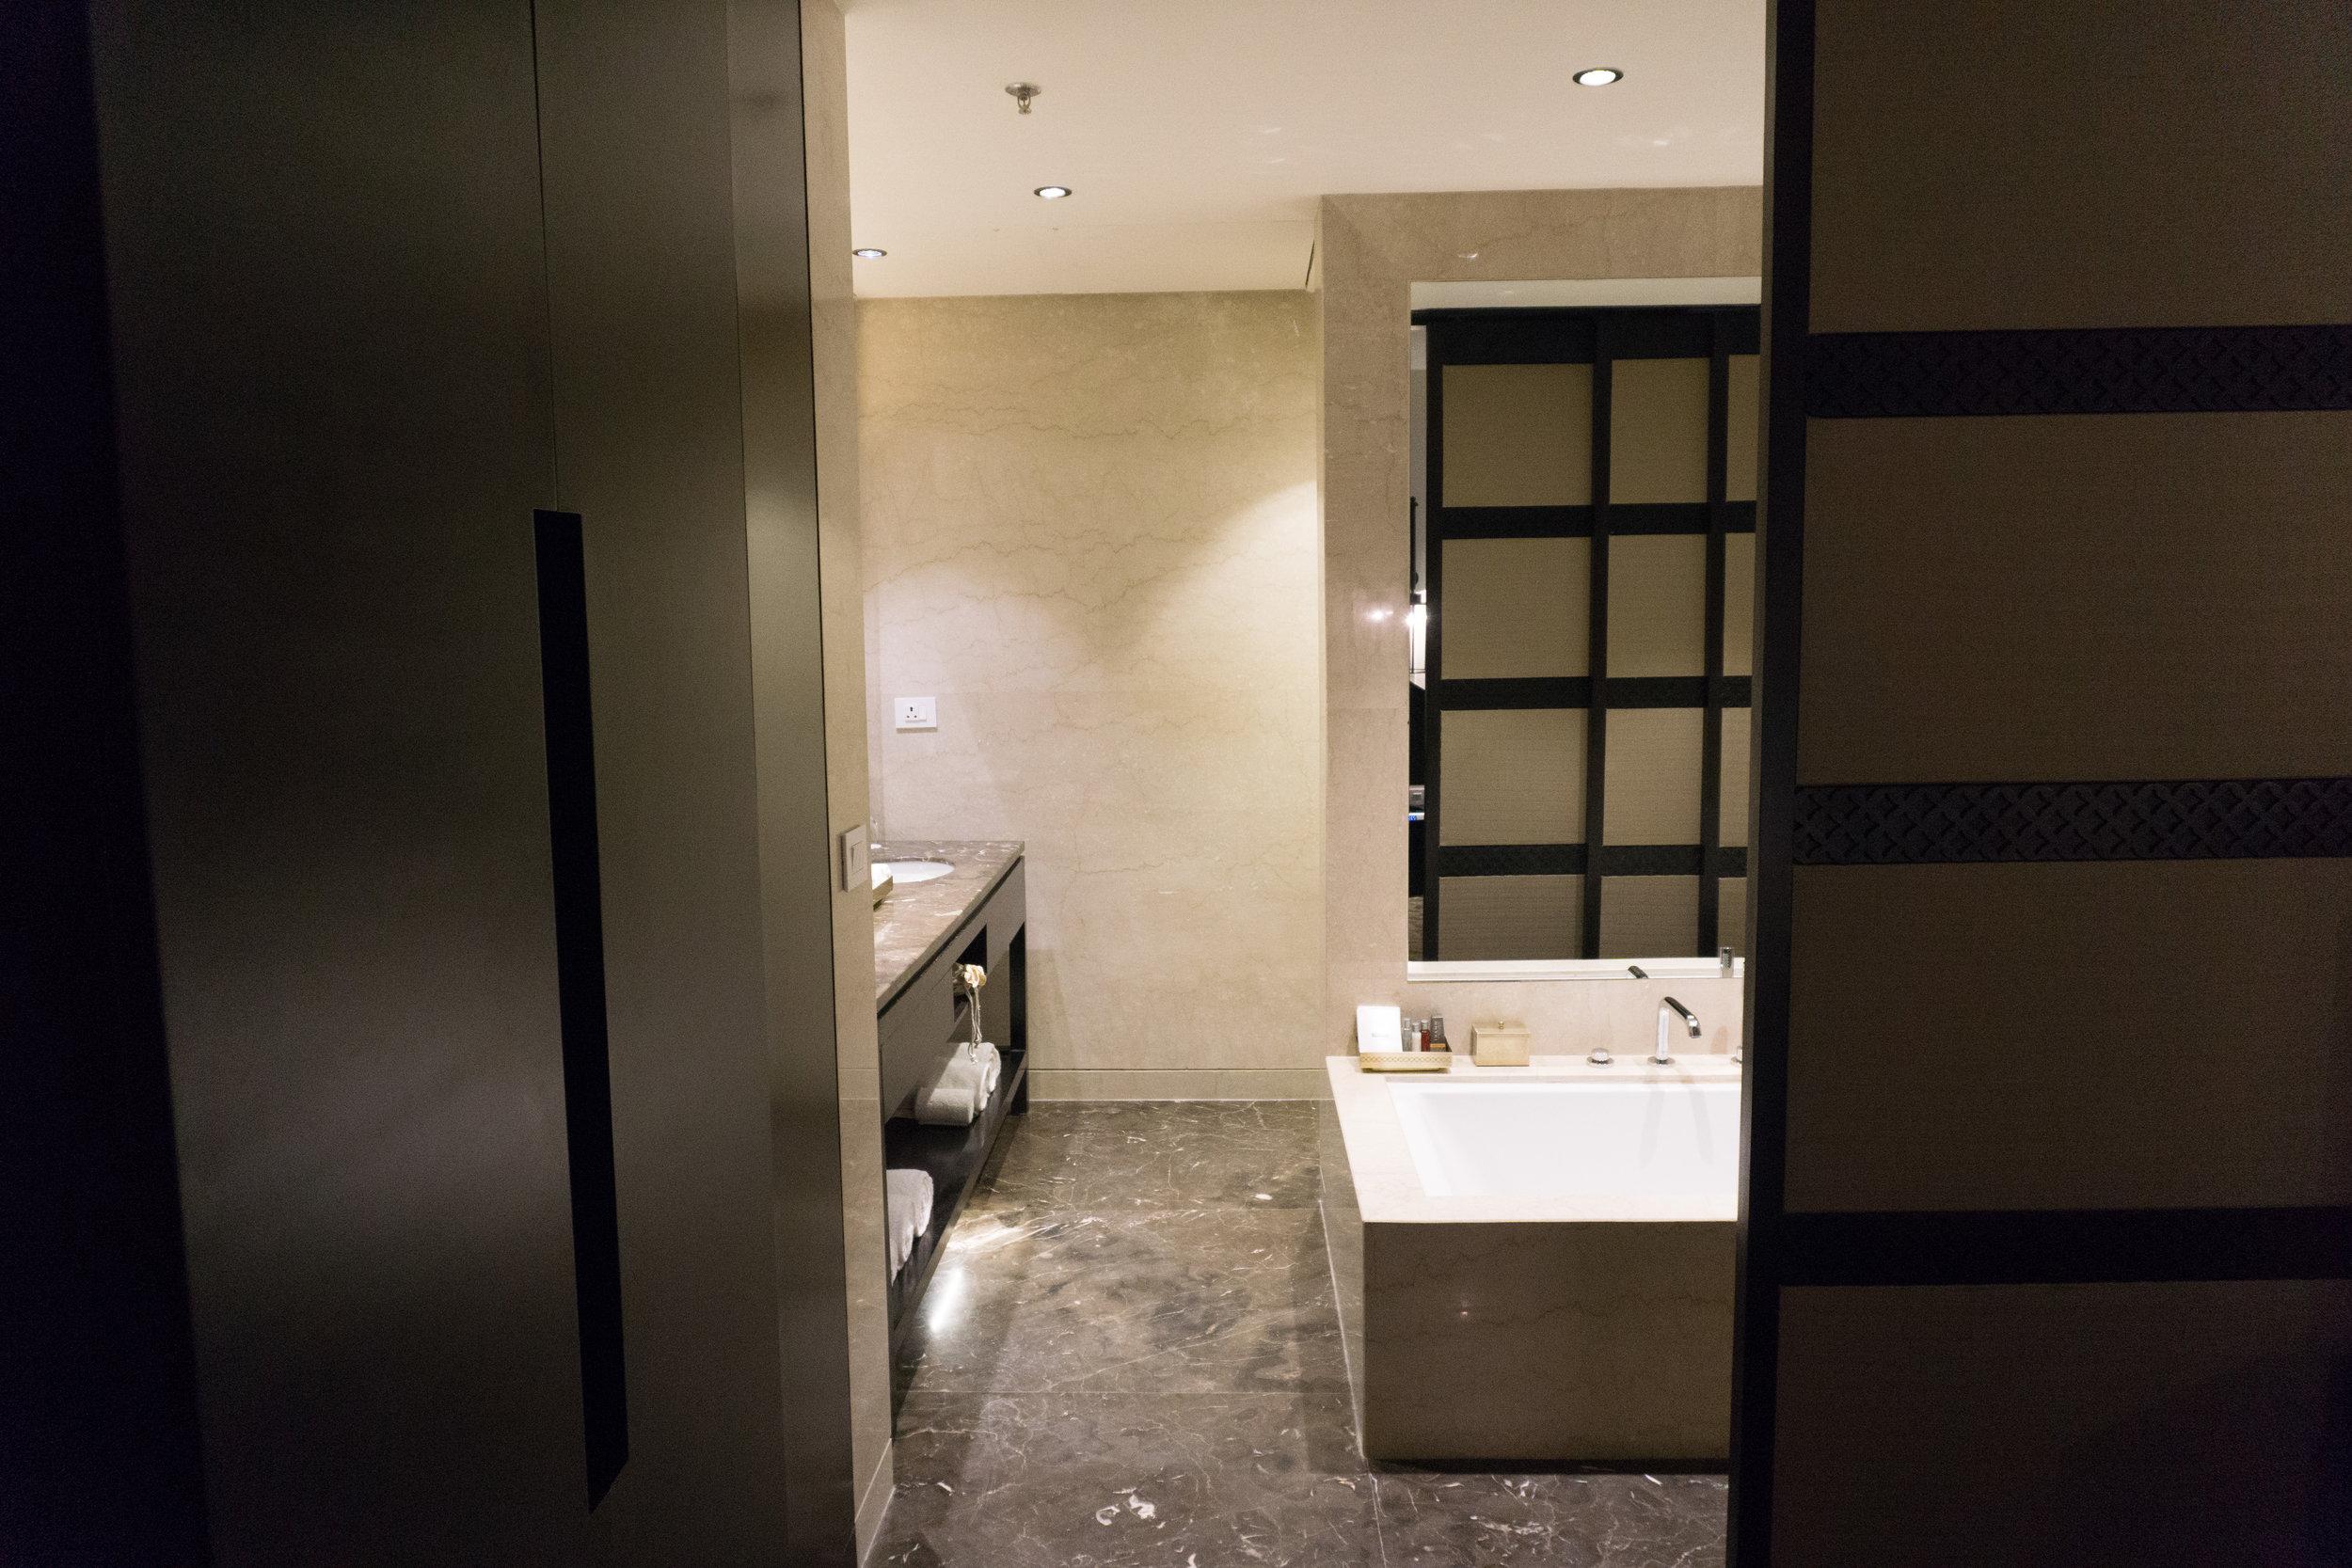 Bathroom entryway